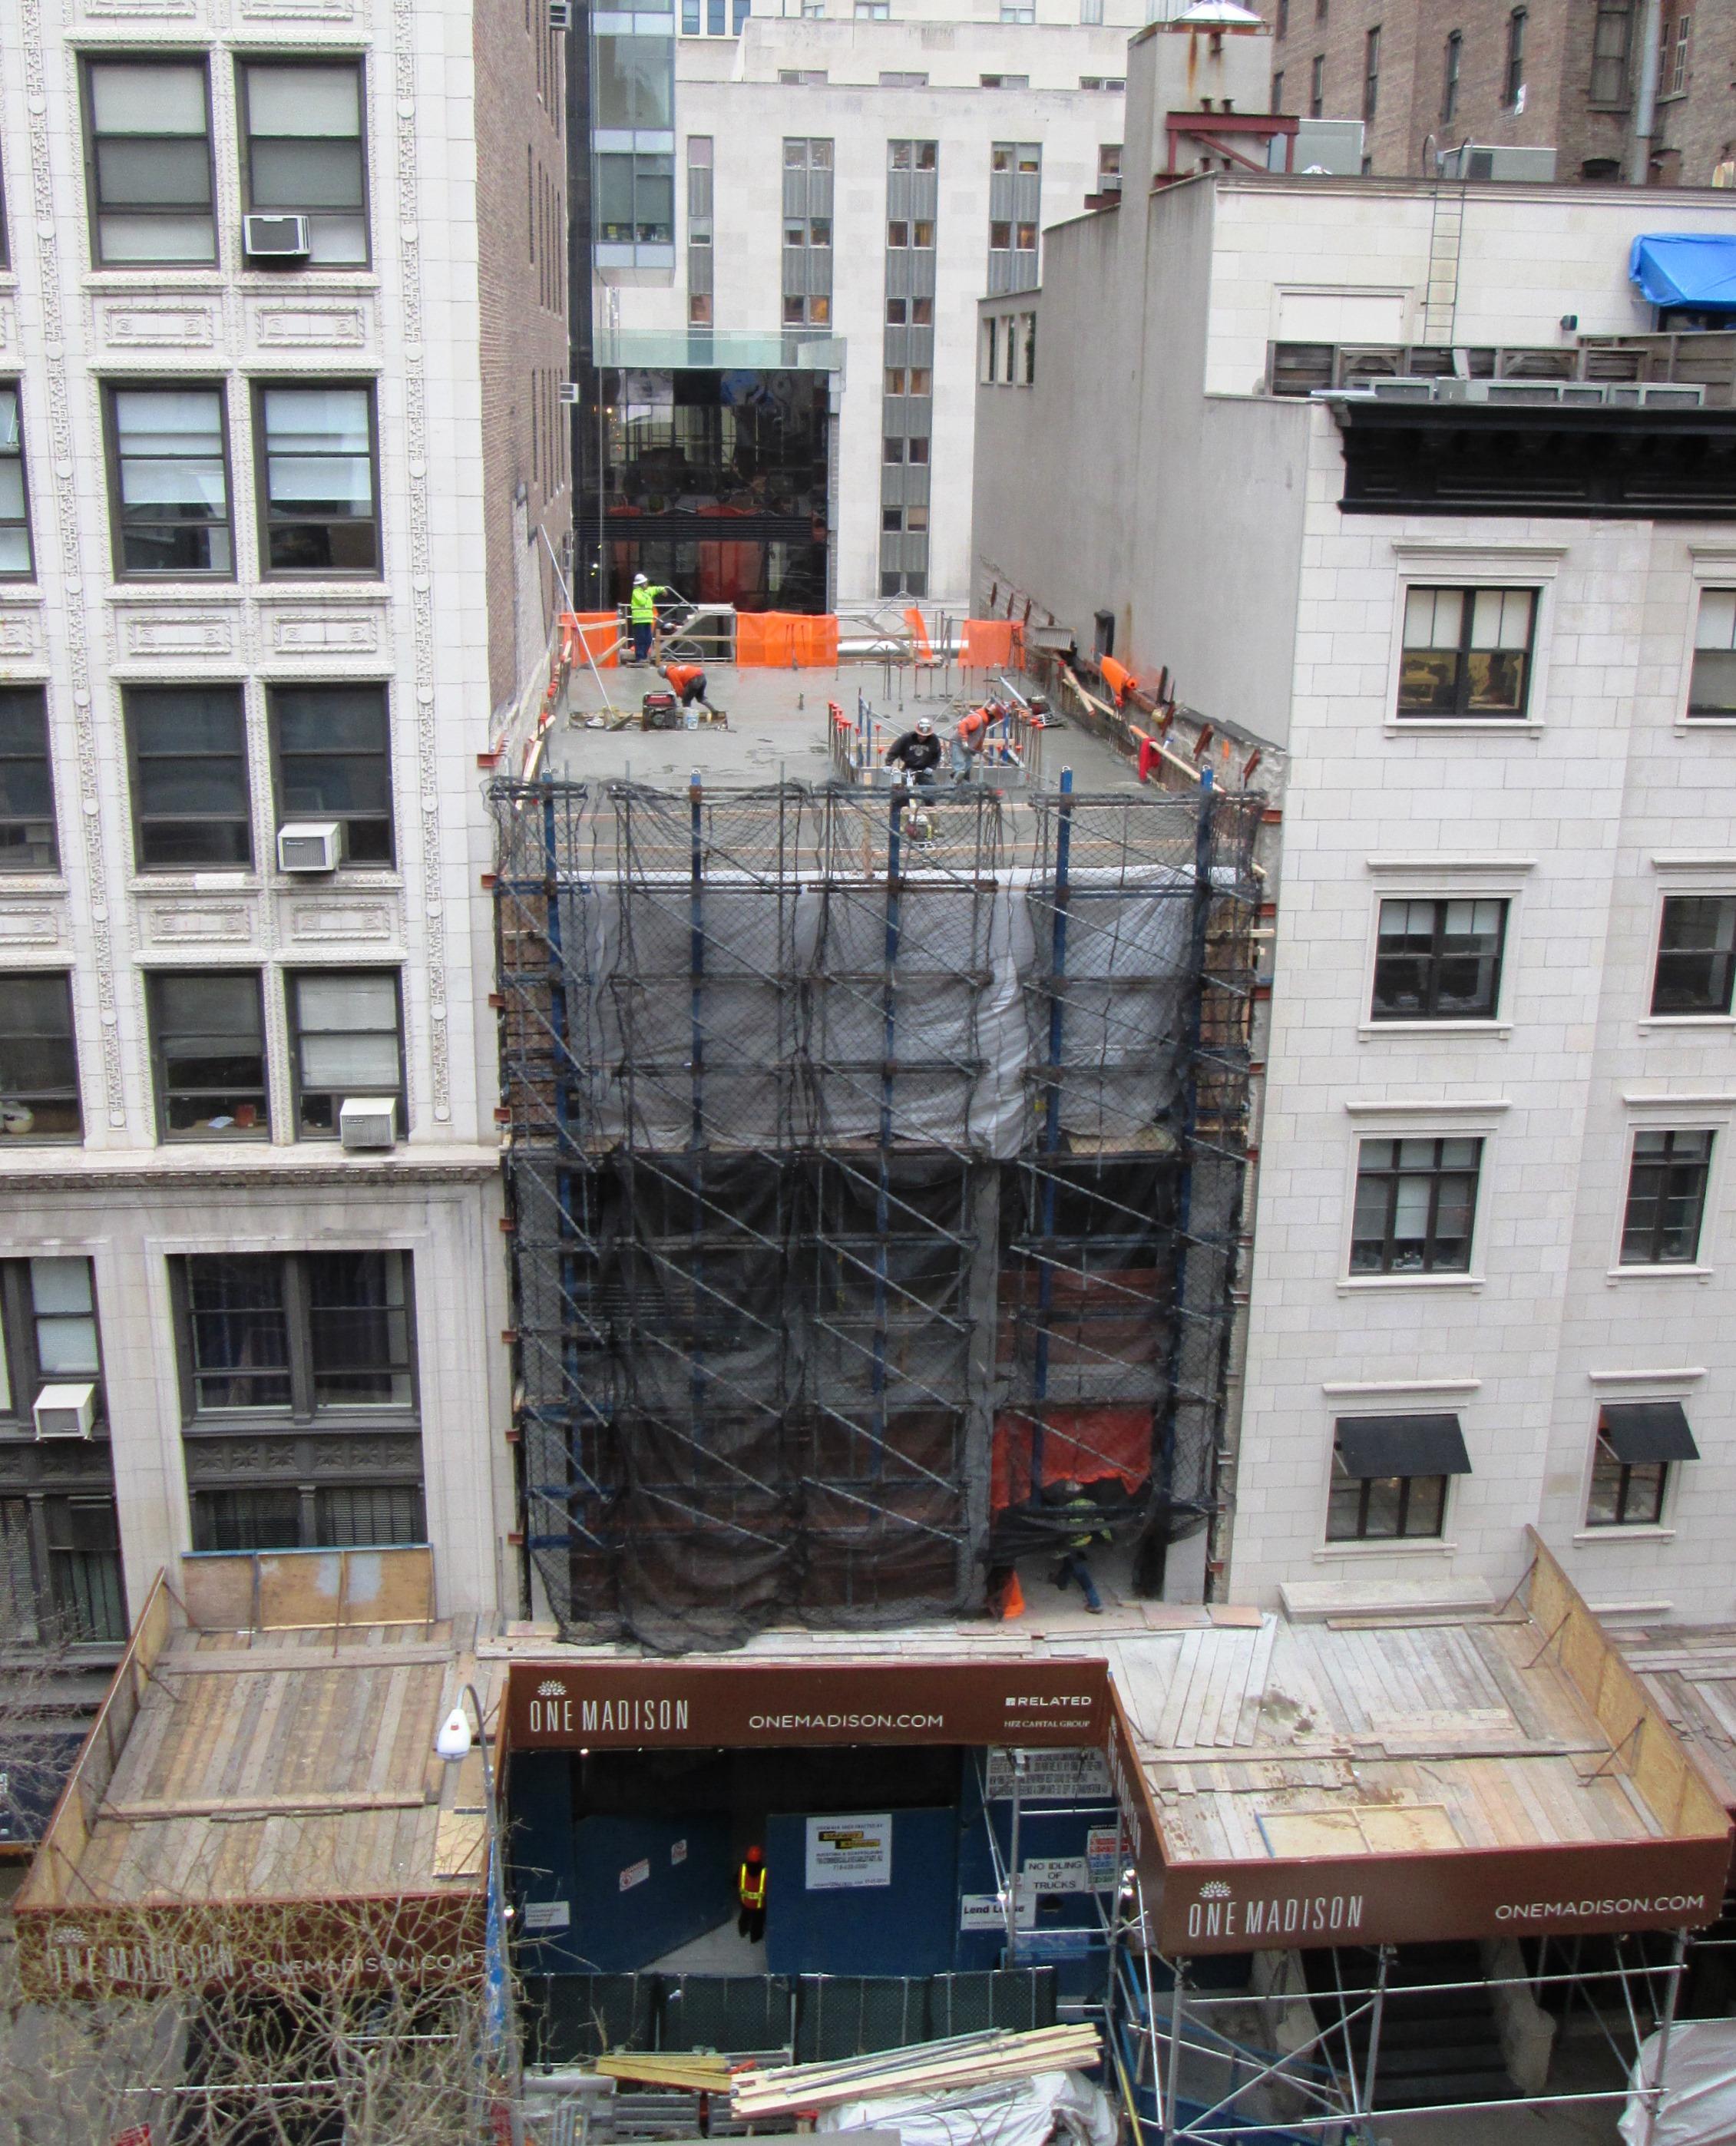 One Madison New York one madison - wikipedia